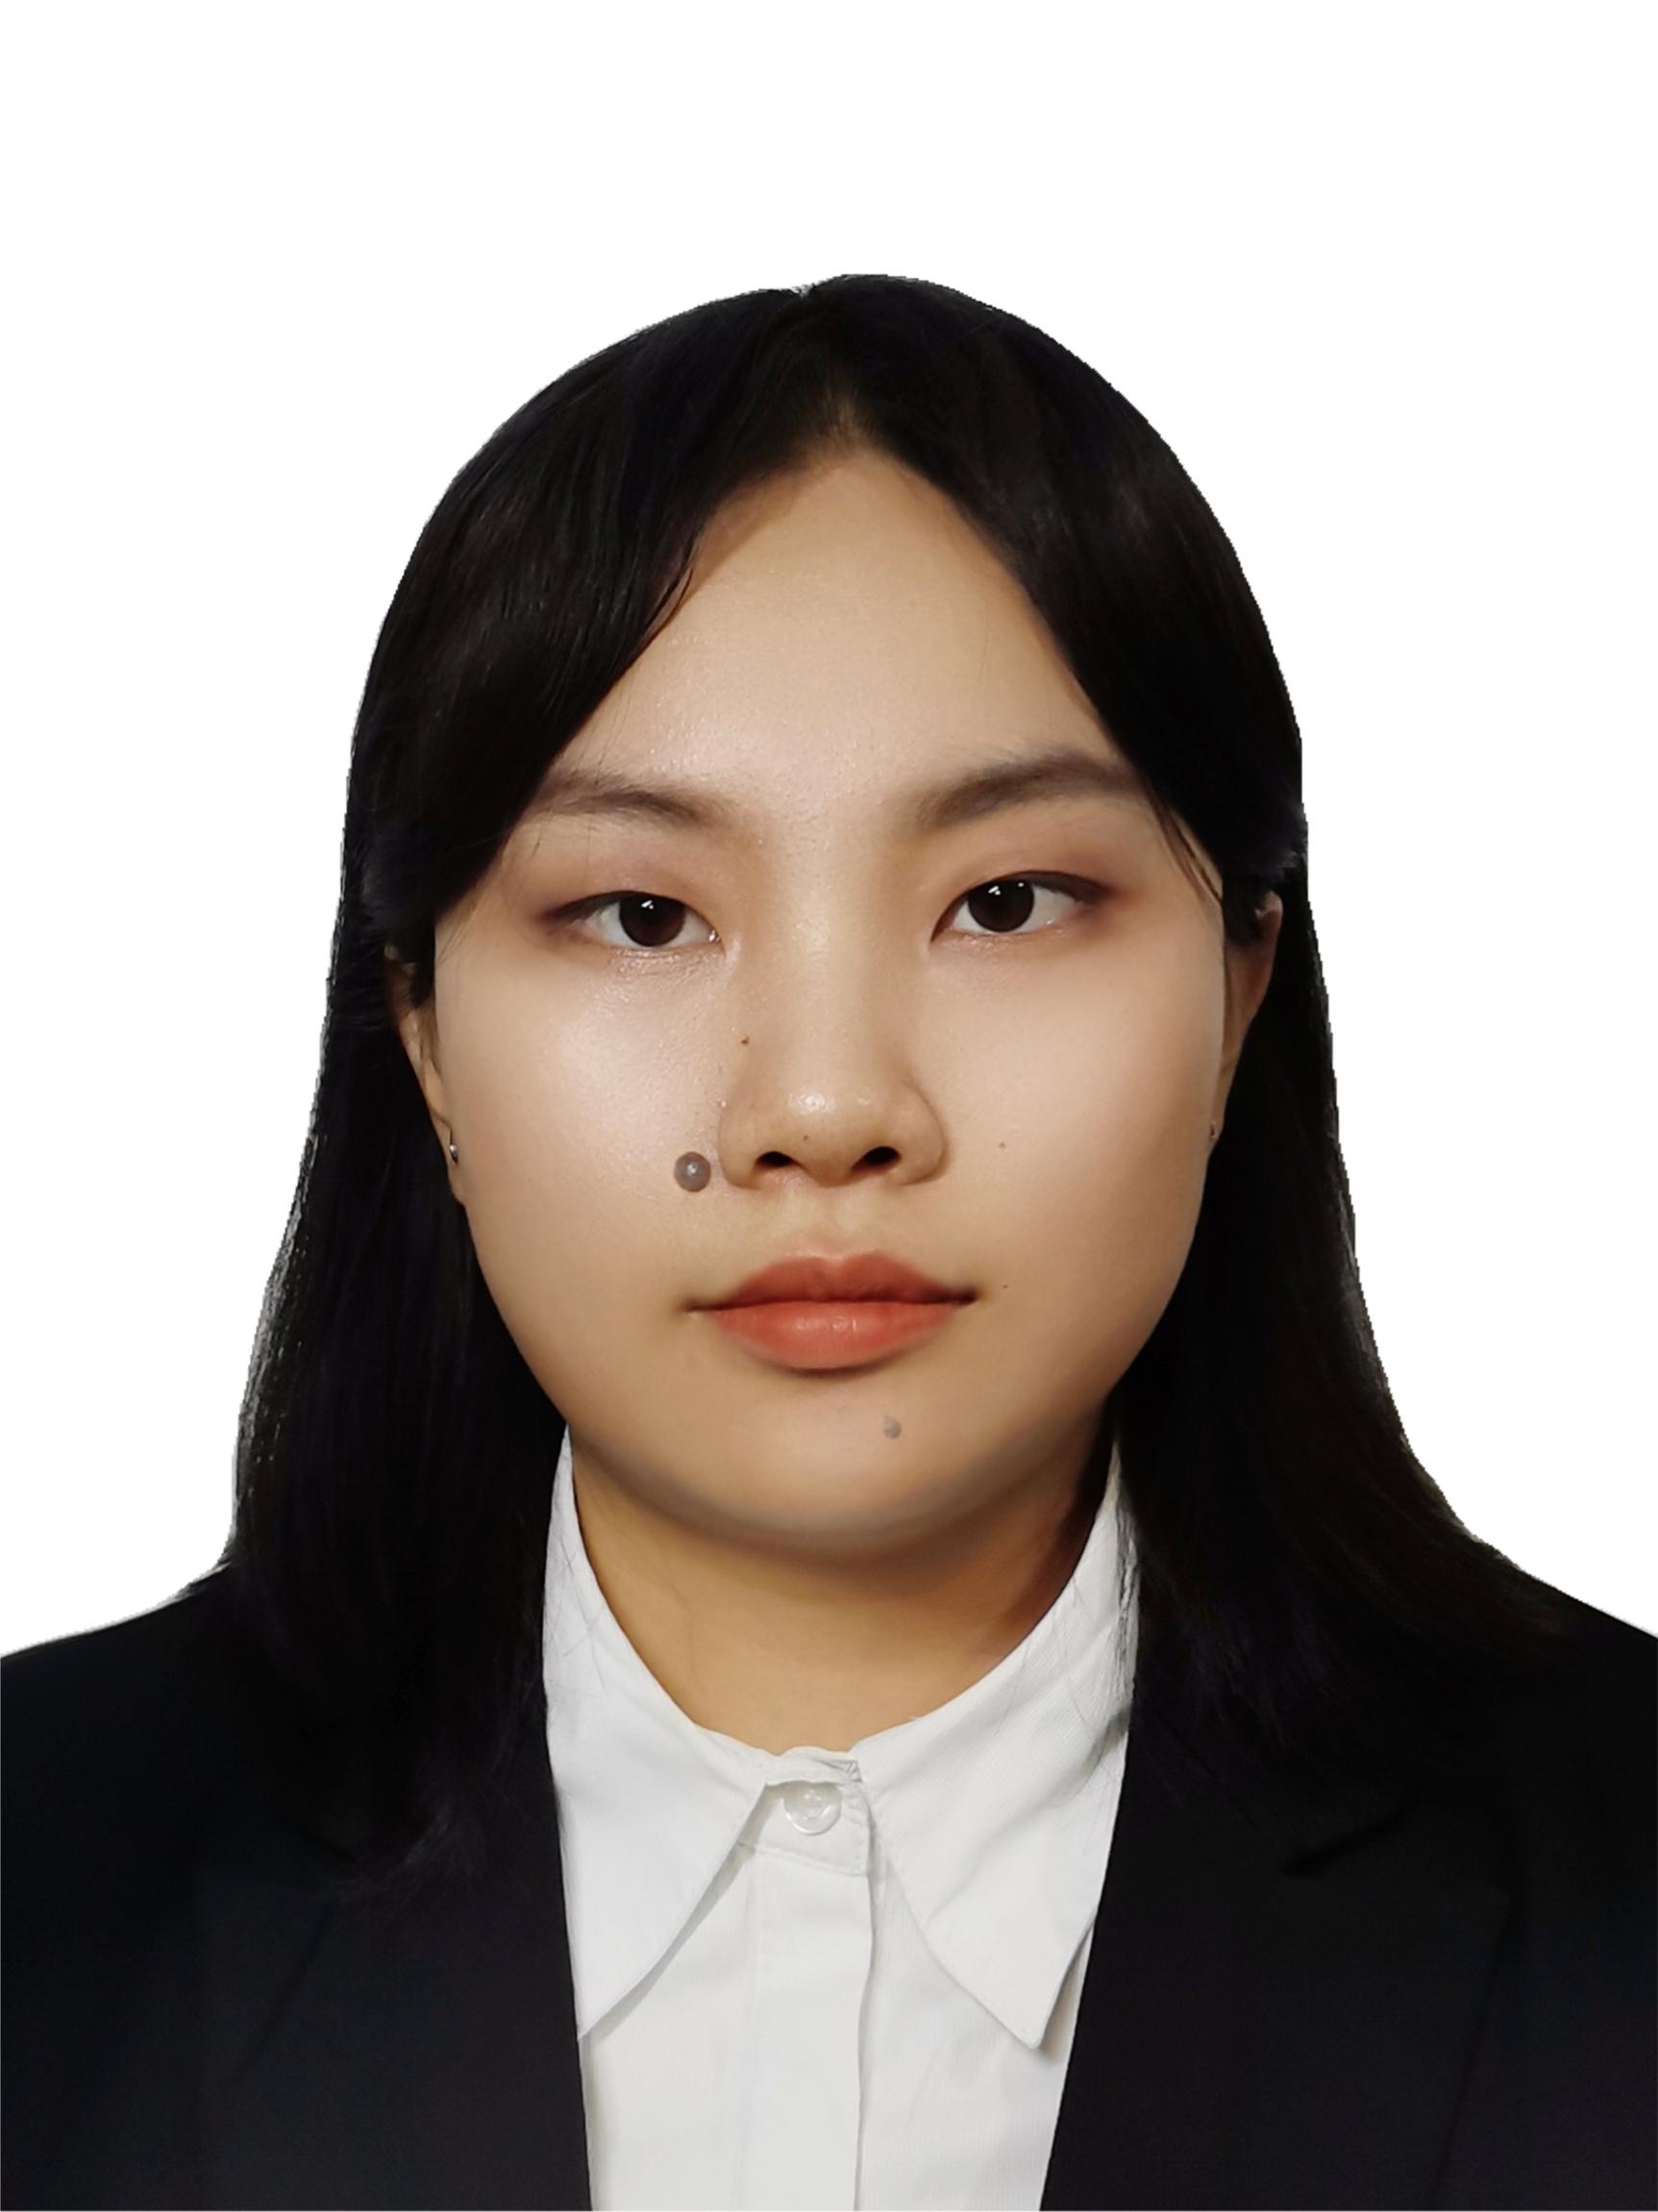 阿克苏家教刘教员